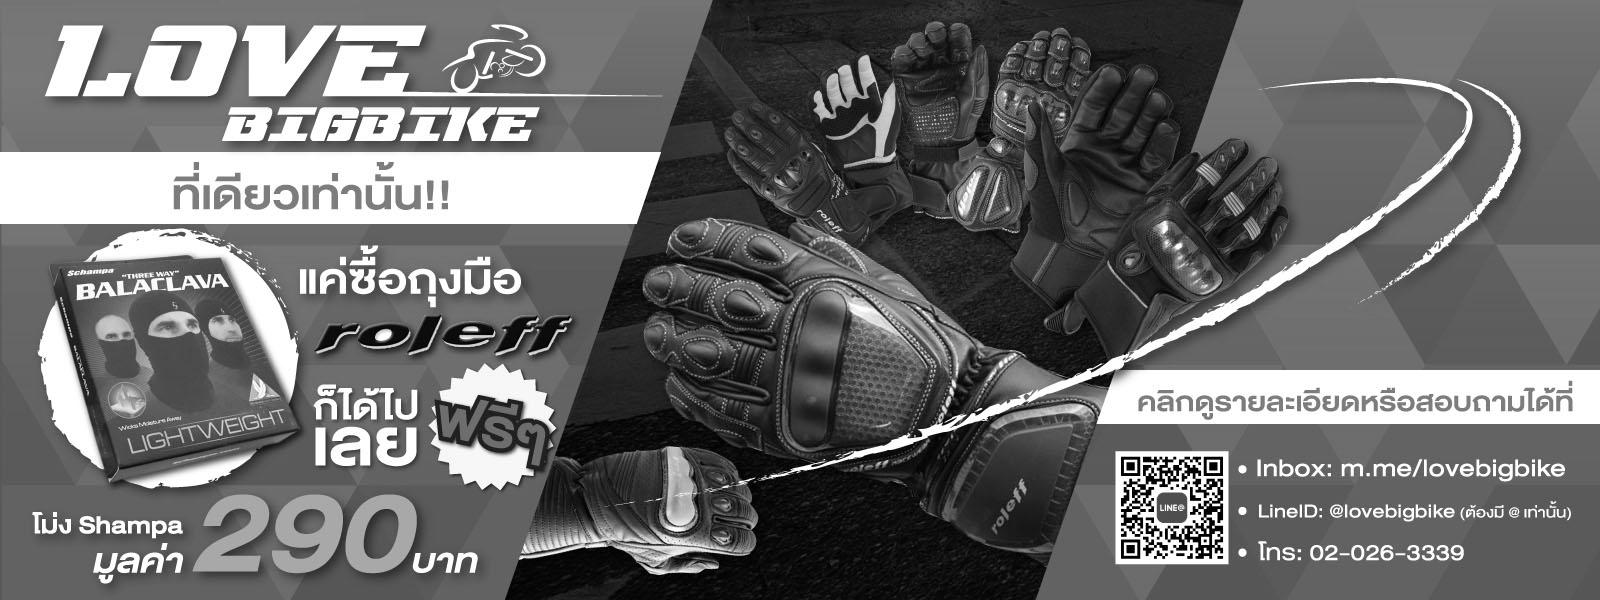 โปรดีๆ มาเสิร์ฟชาว Lovebigbike แล้วจ้า!! ง่ายๆ แค่ซื้อถุงมือ Roleff ก็เอาไปเลยฟรีๆ